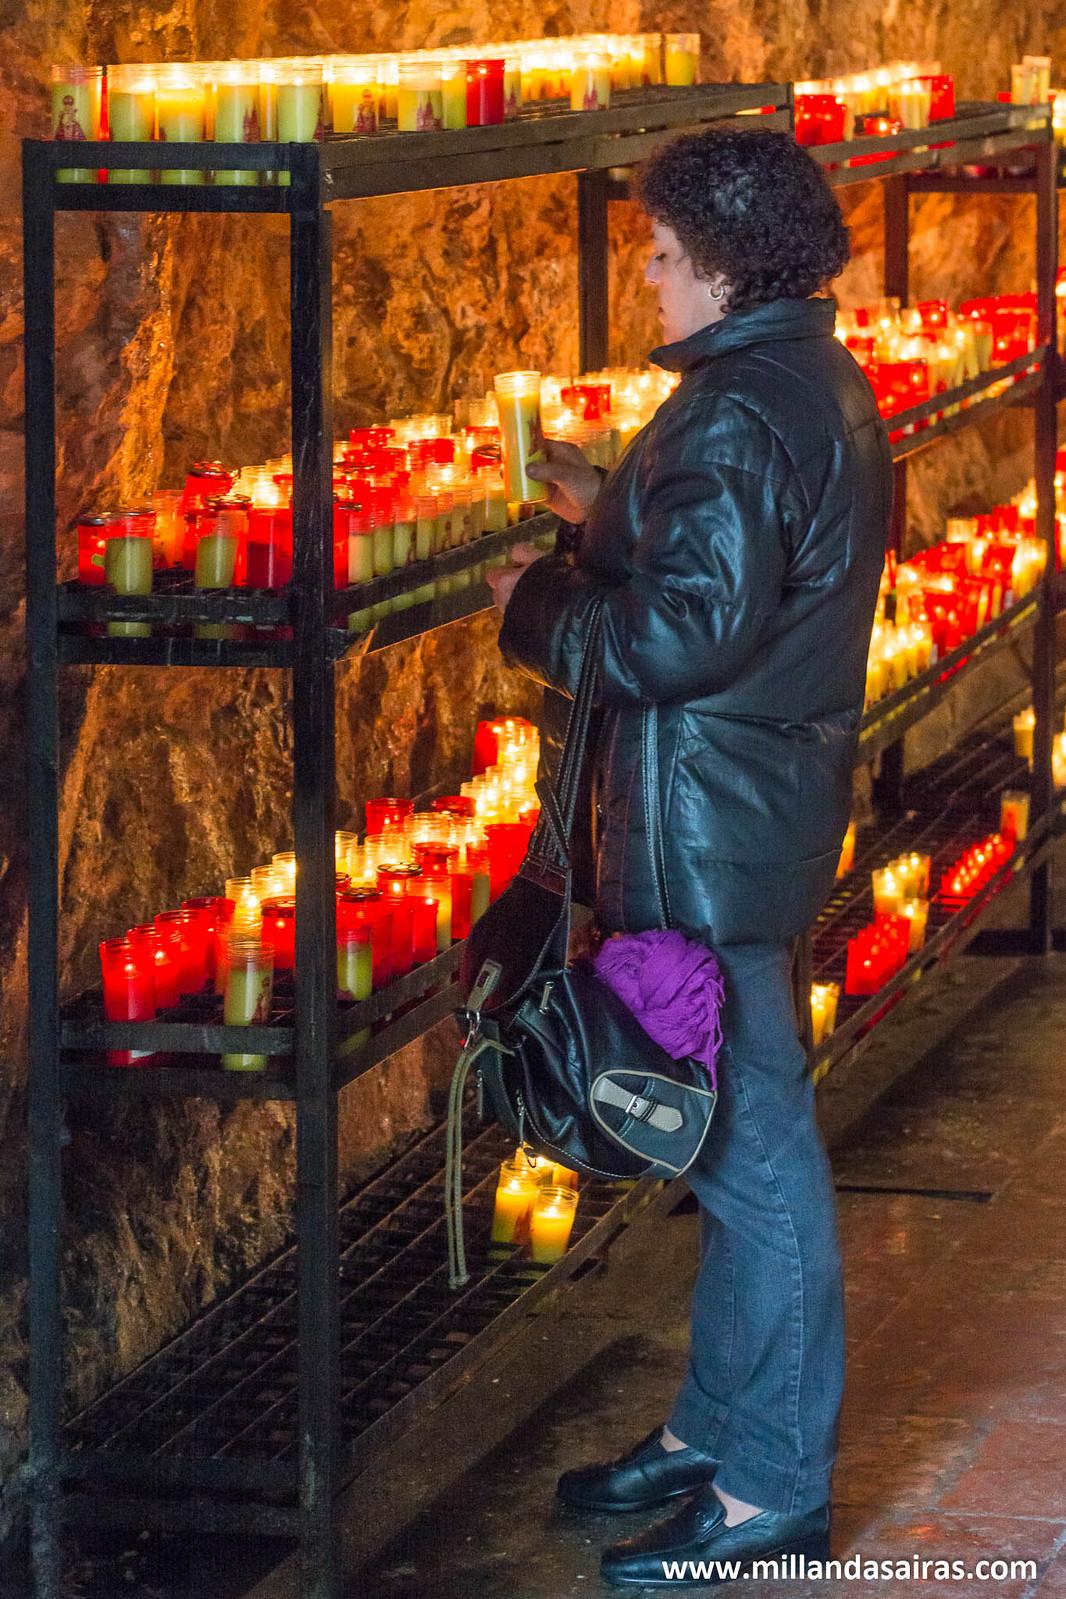 Ofrendas en forma de velas